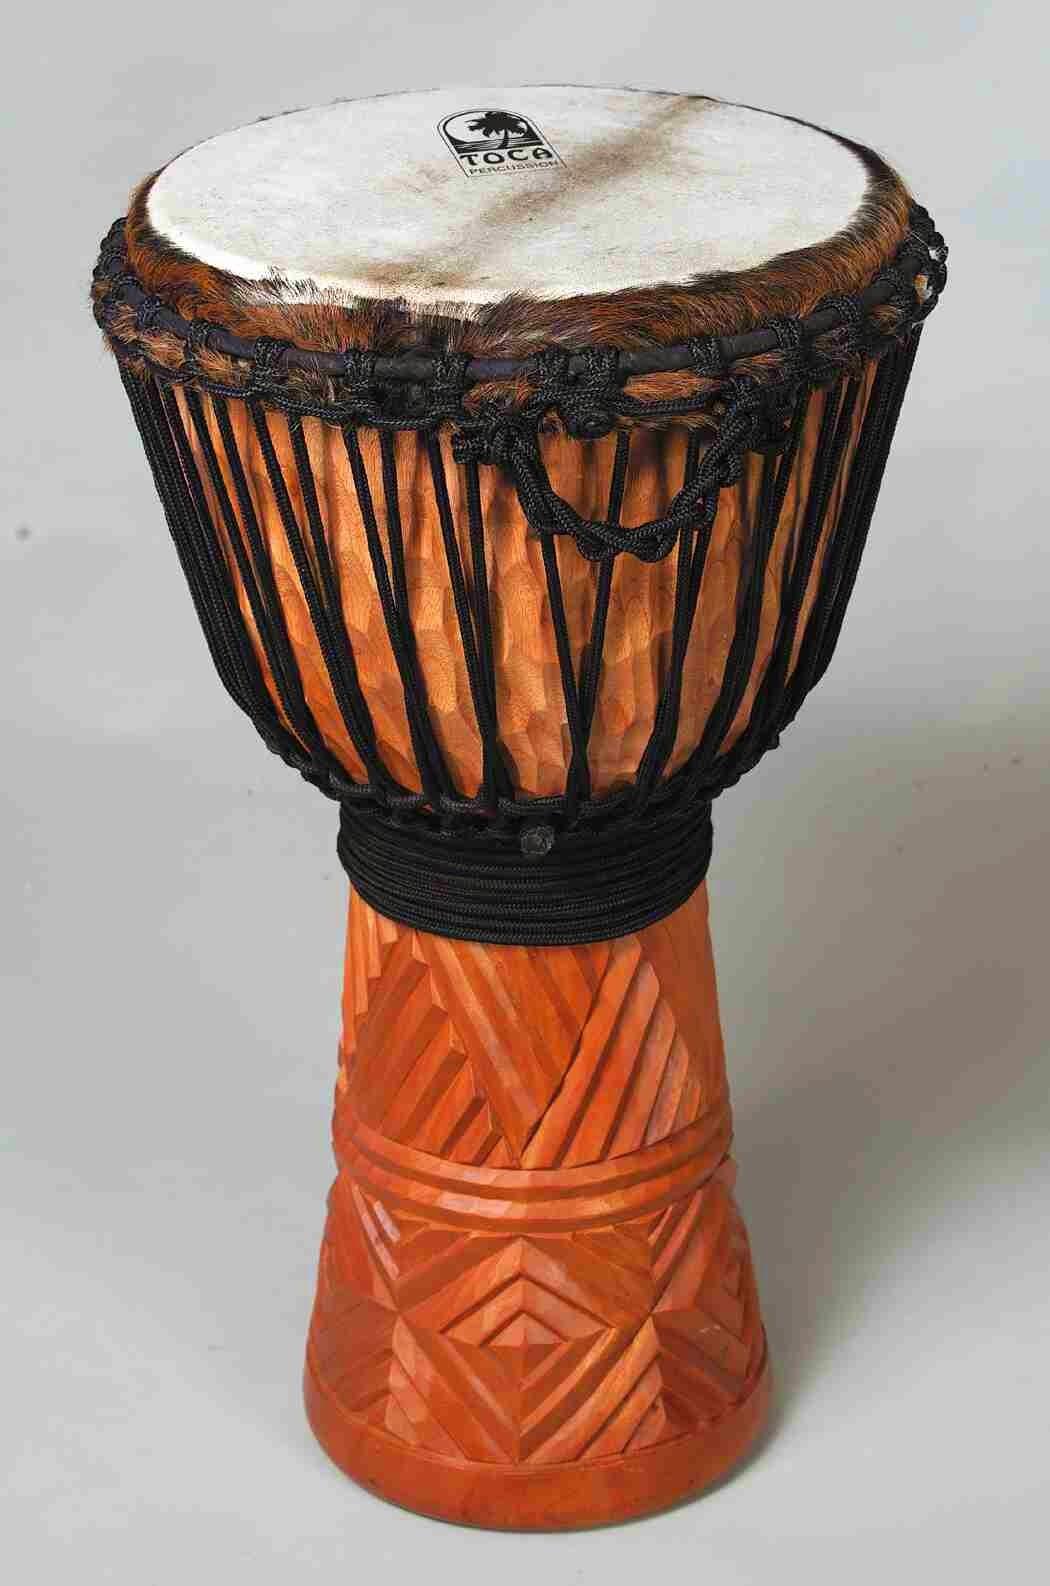 Alat Musik Tradisional Gendang Bali Seni Budaya Indonesia